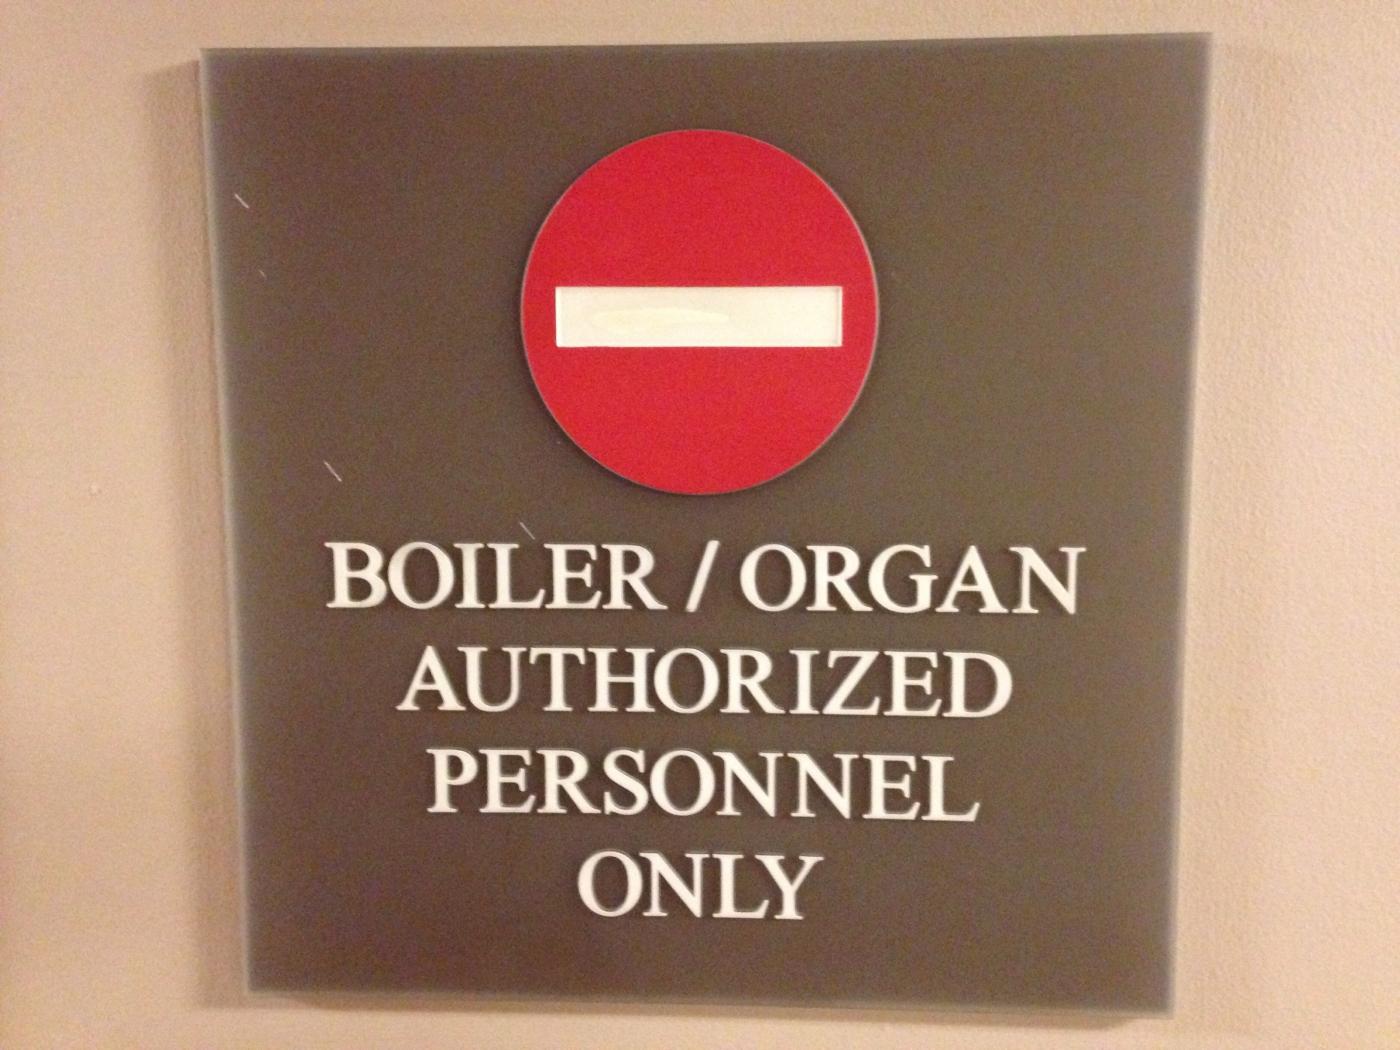 Boiler/organ combo!